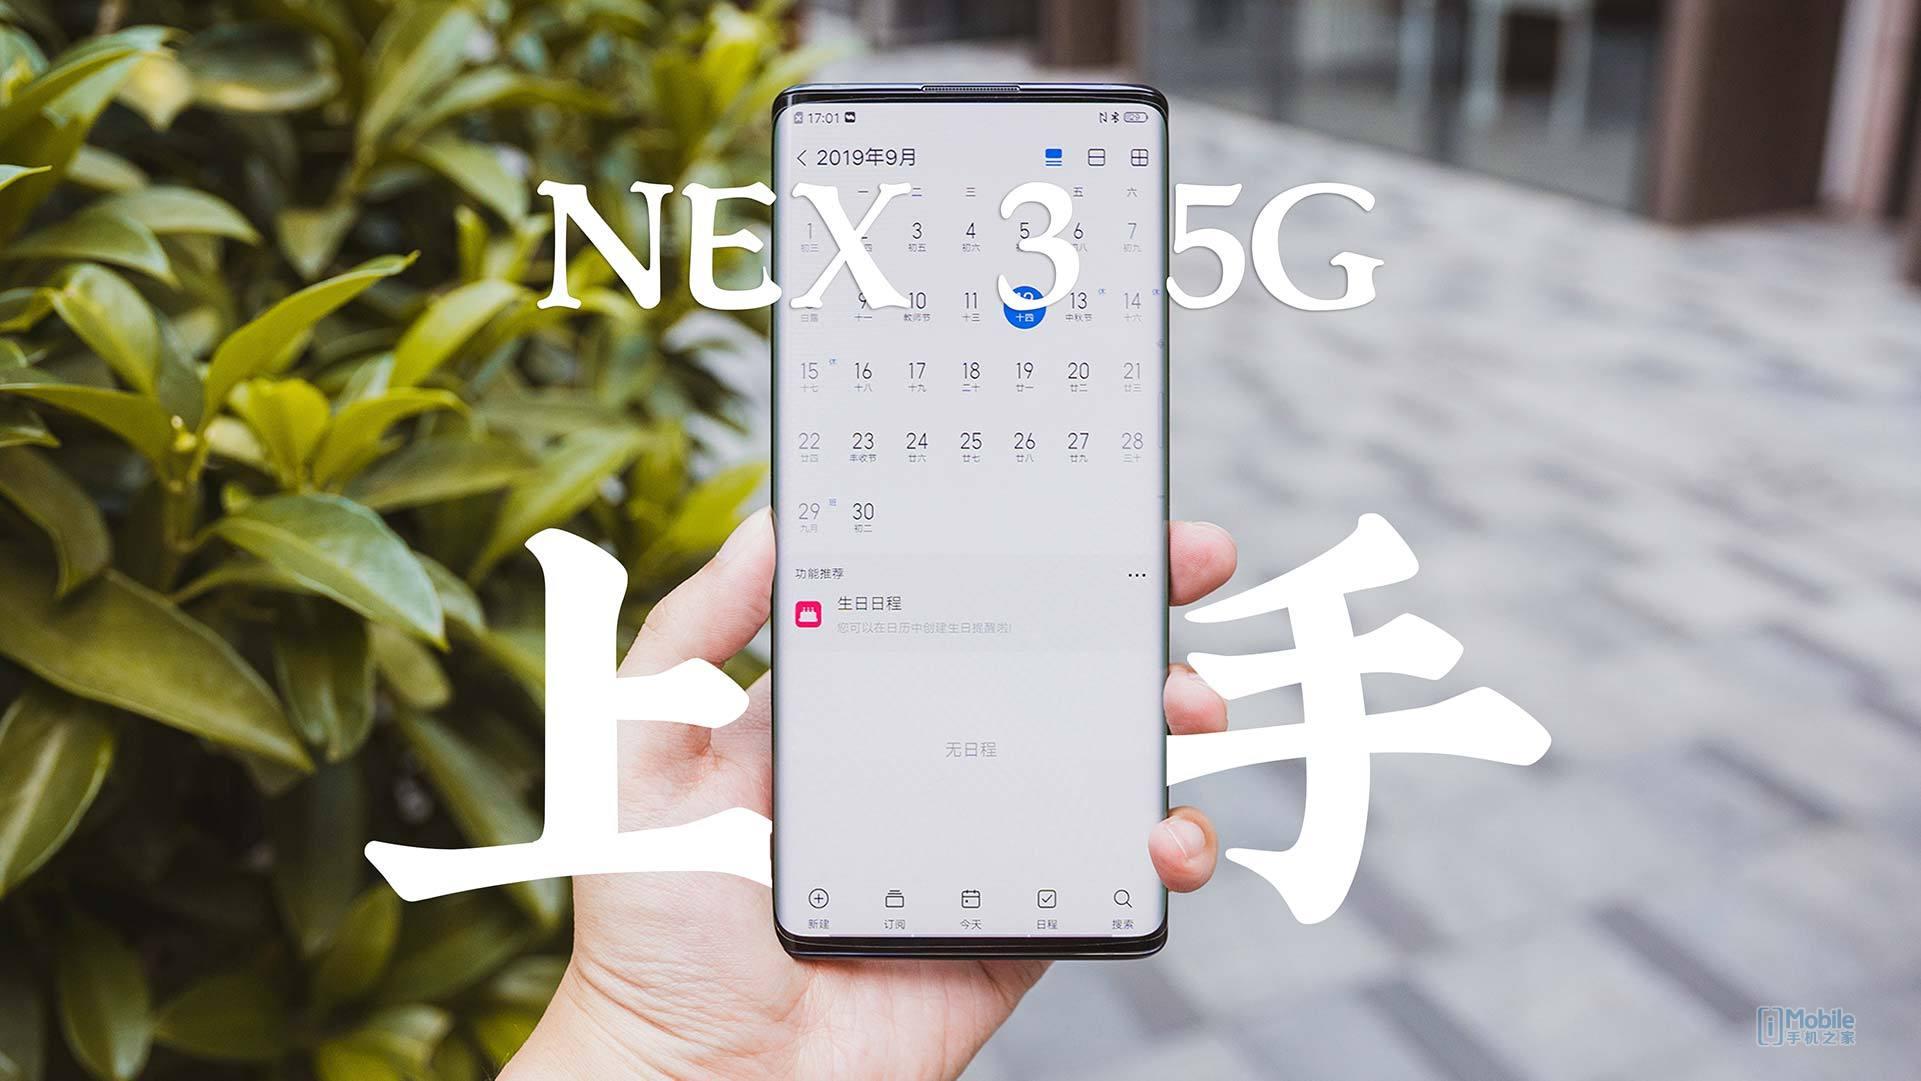 由内而外全真旗舰 vivo NEX 3 5G上手体验